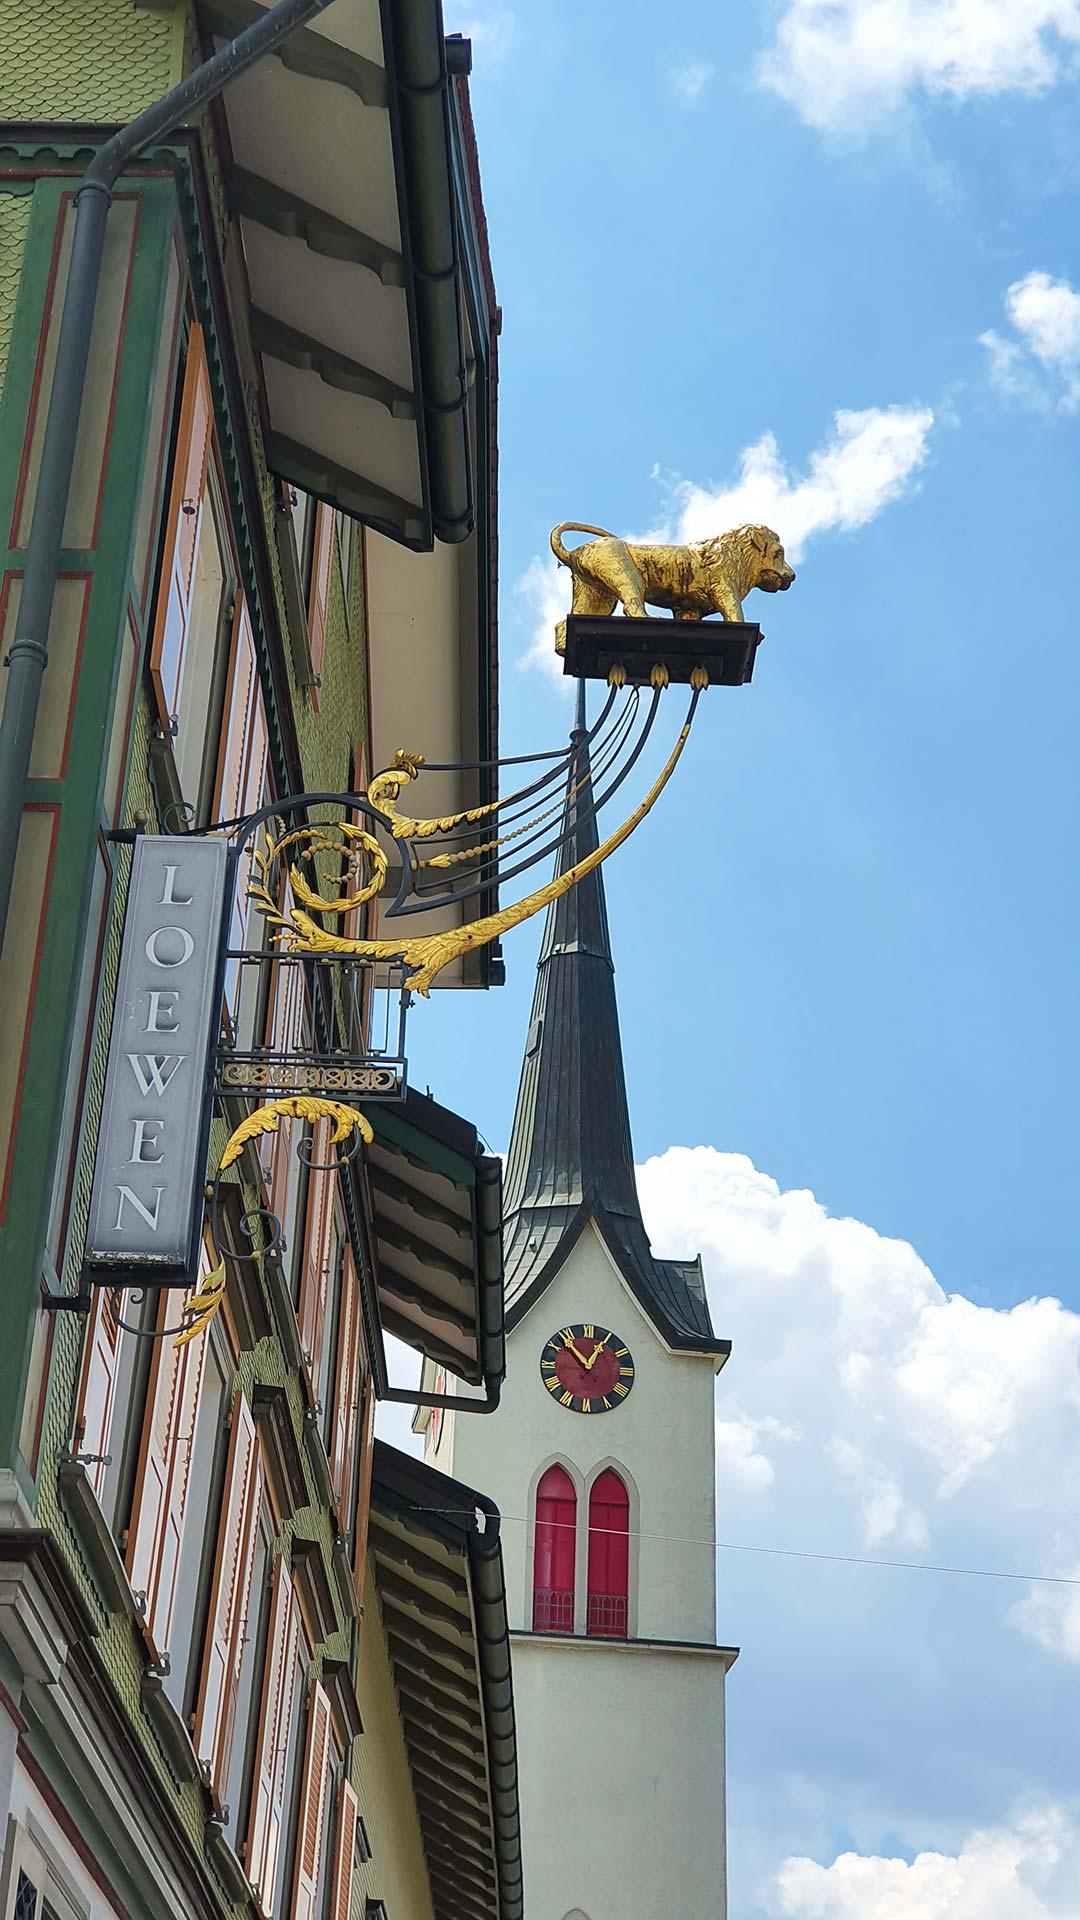 Loewen Gonten, Dorfbeiz in Gonten Appenzell